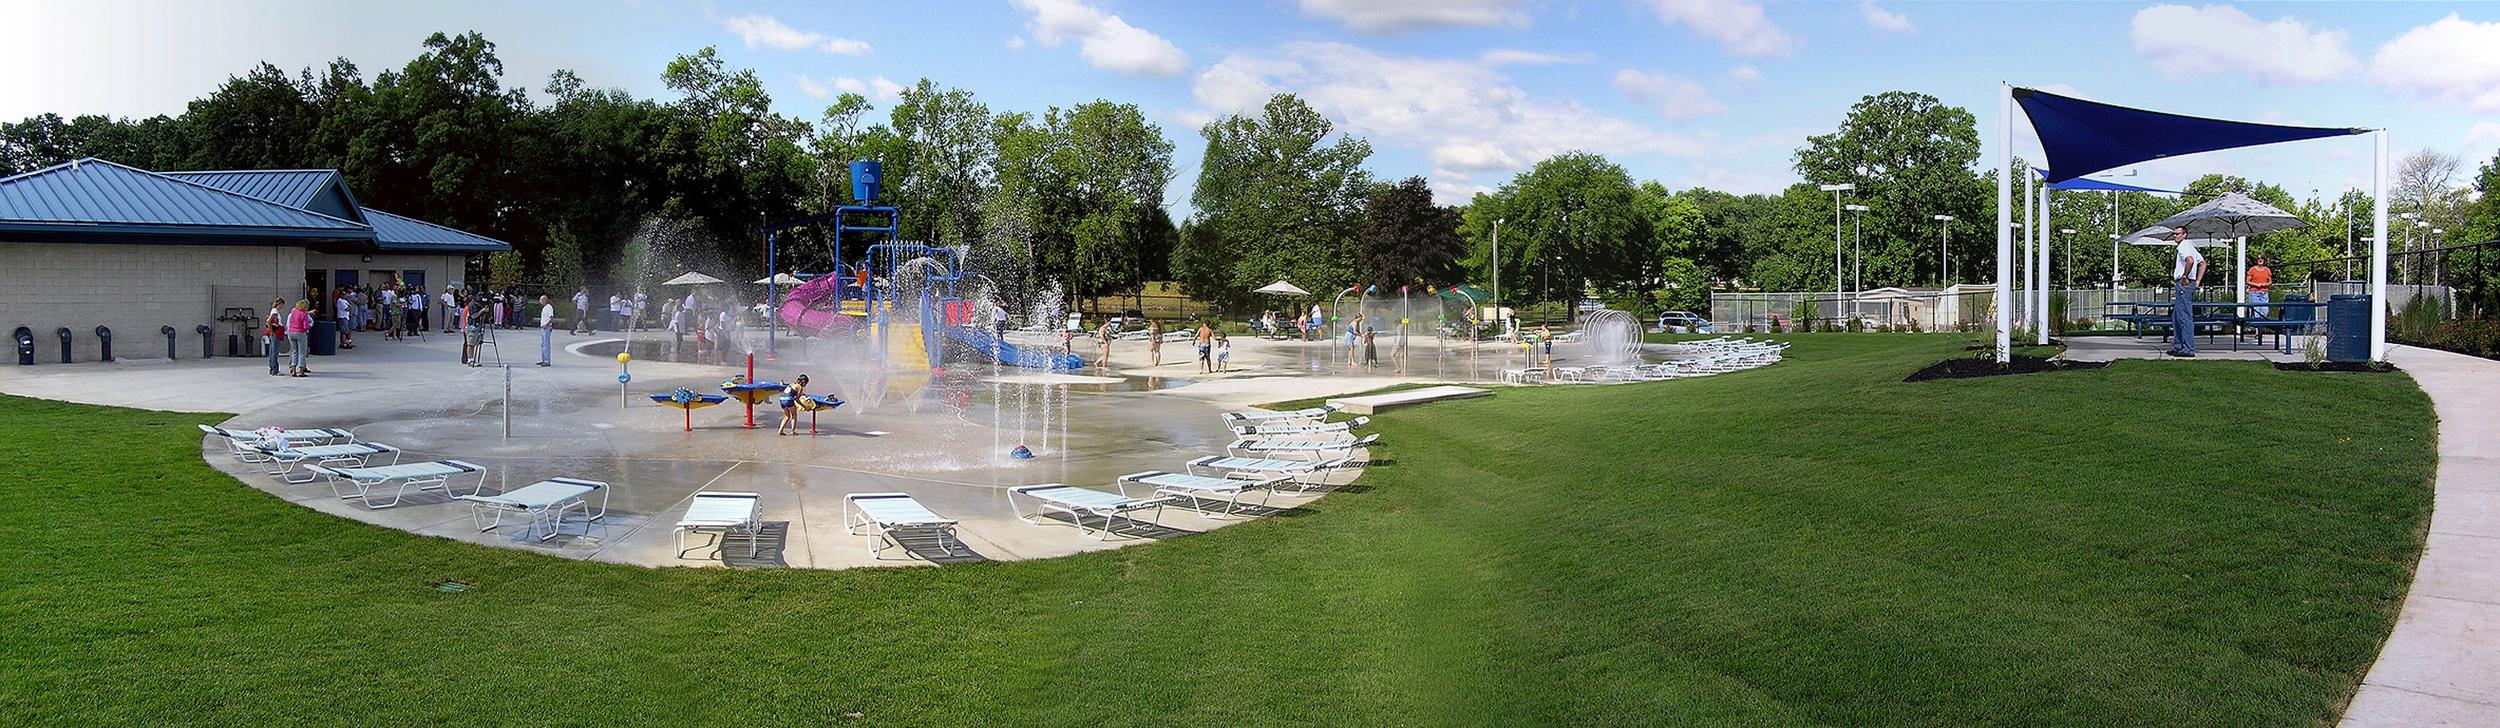 McNaughton Water Park